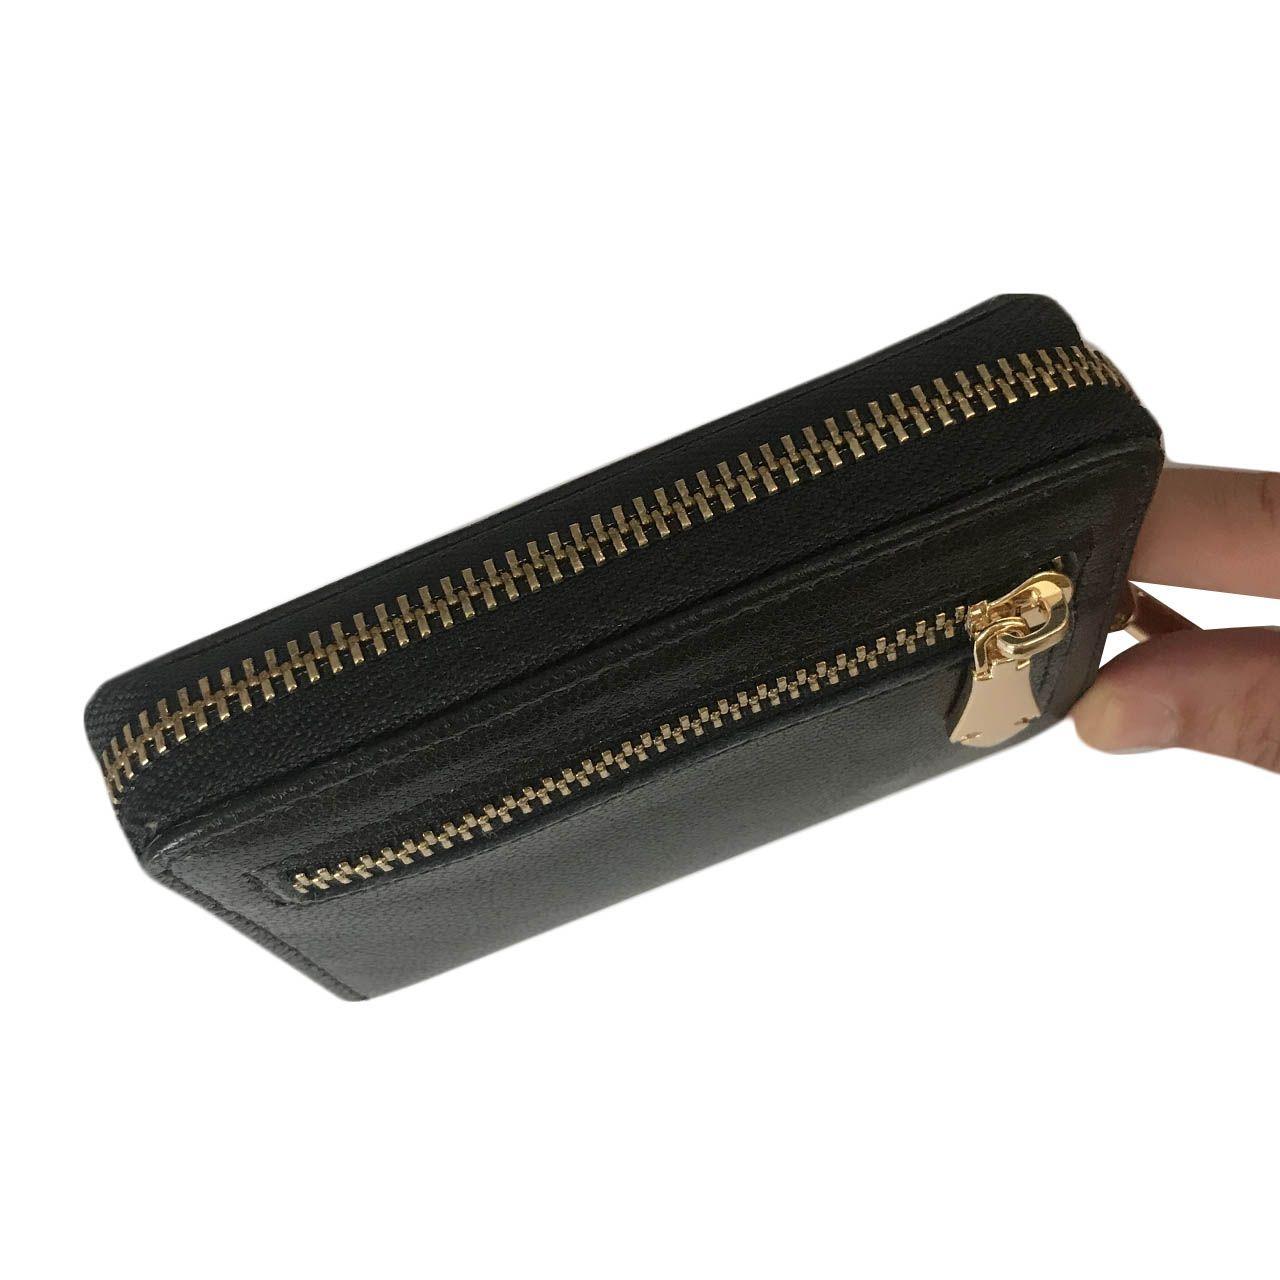 کیف پول زنانه رایا چرم مدل Sare -  - 3